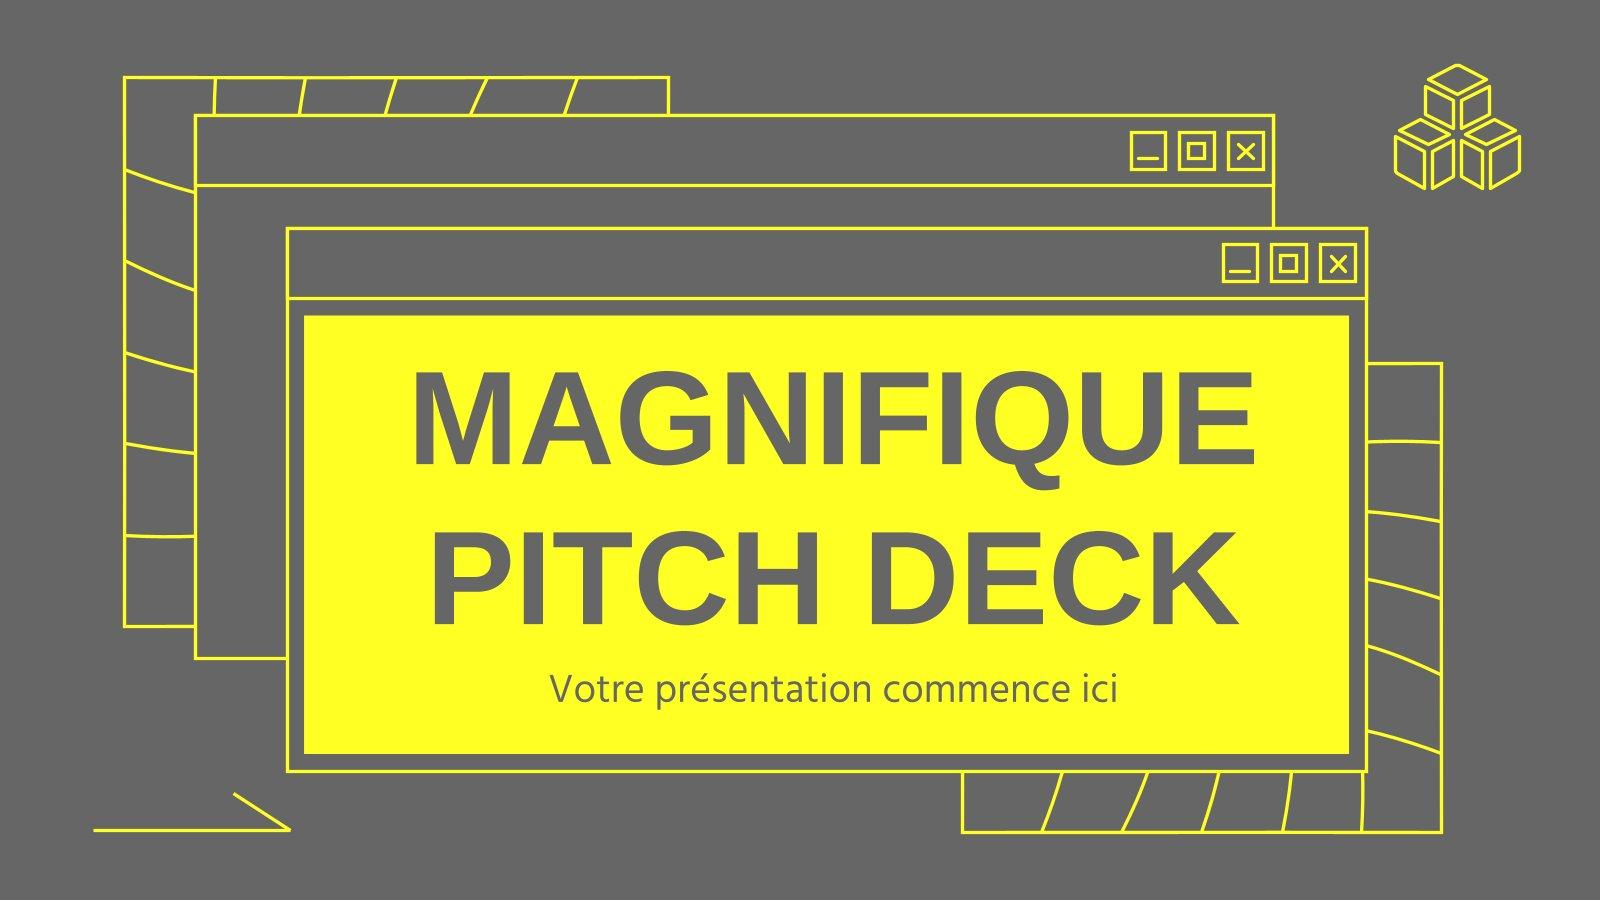 Modelo de apresentação Pitch deck Magnifique